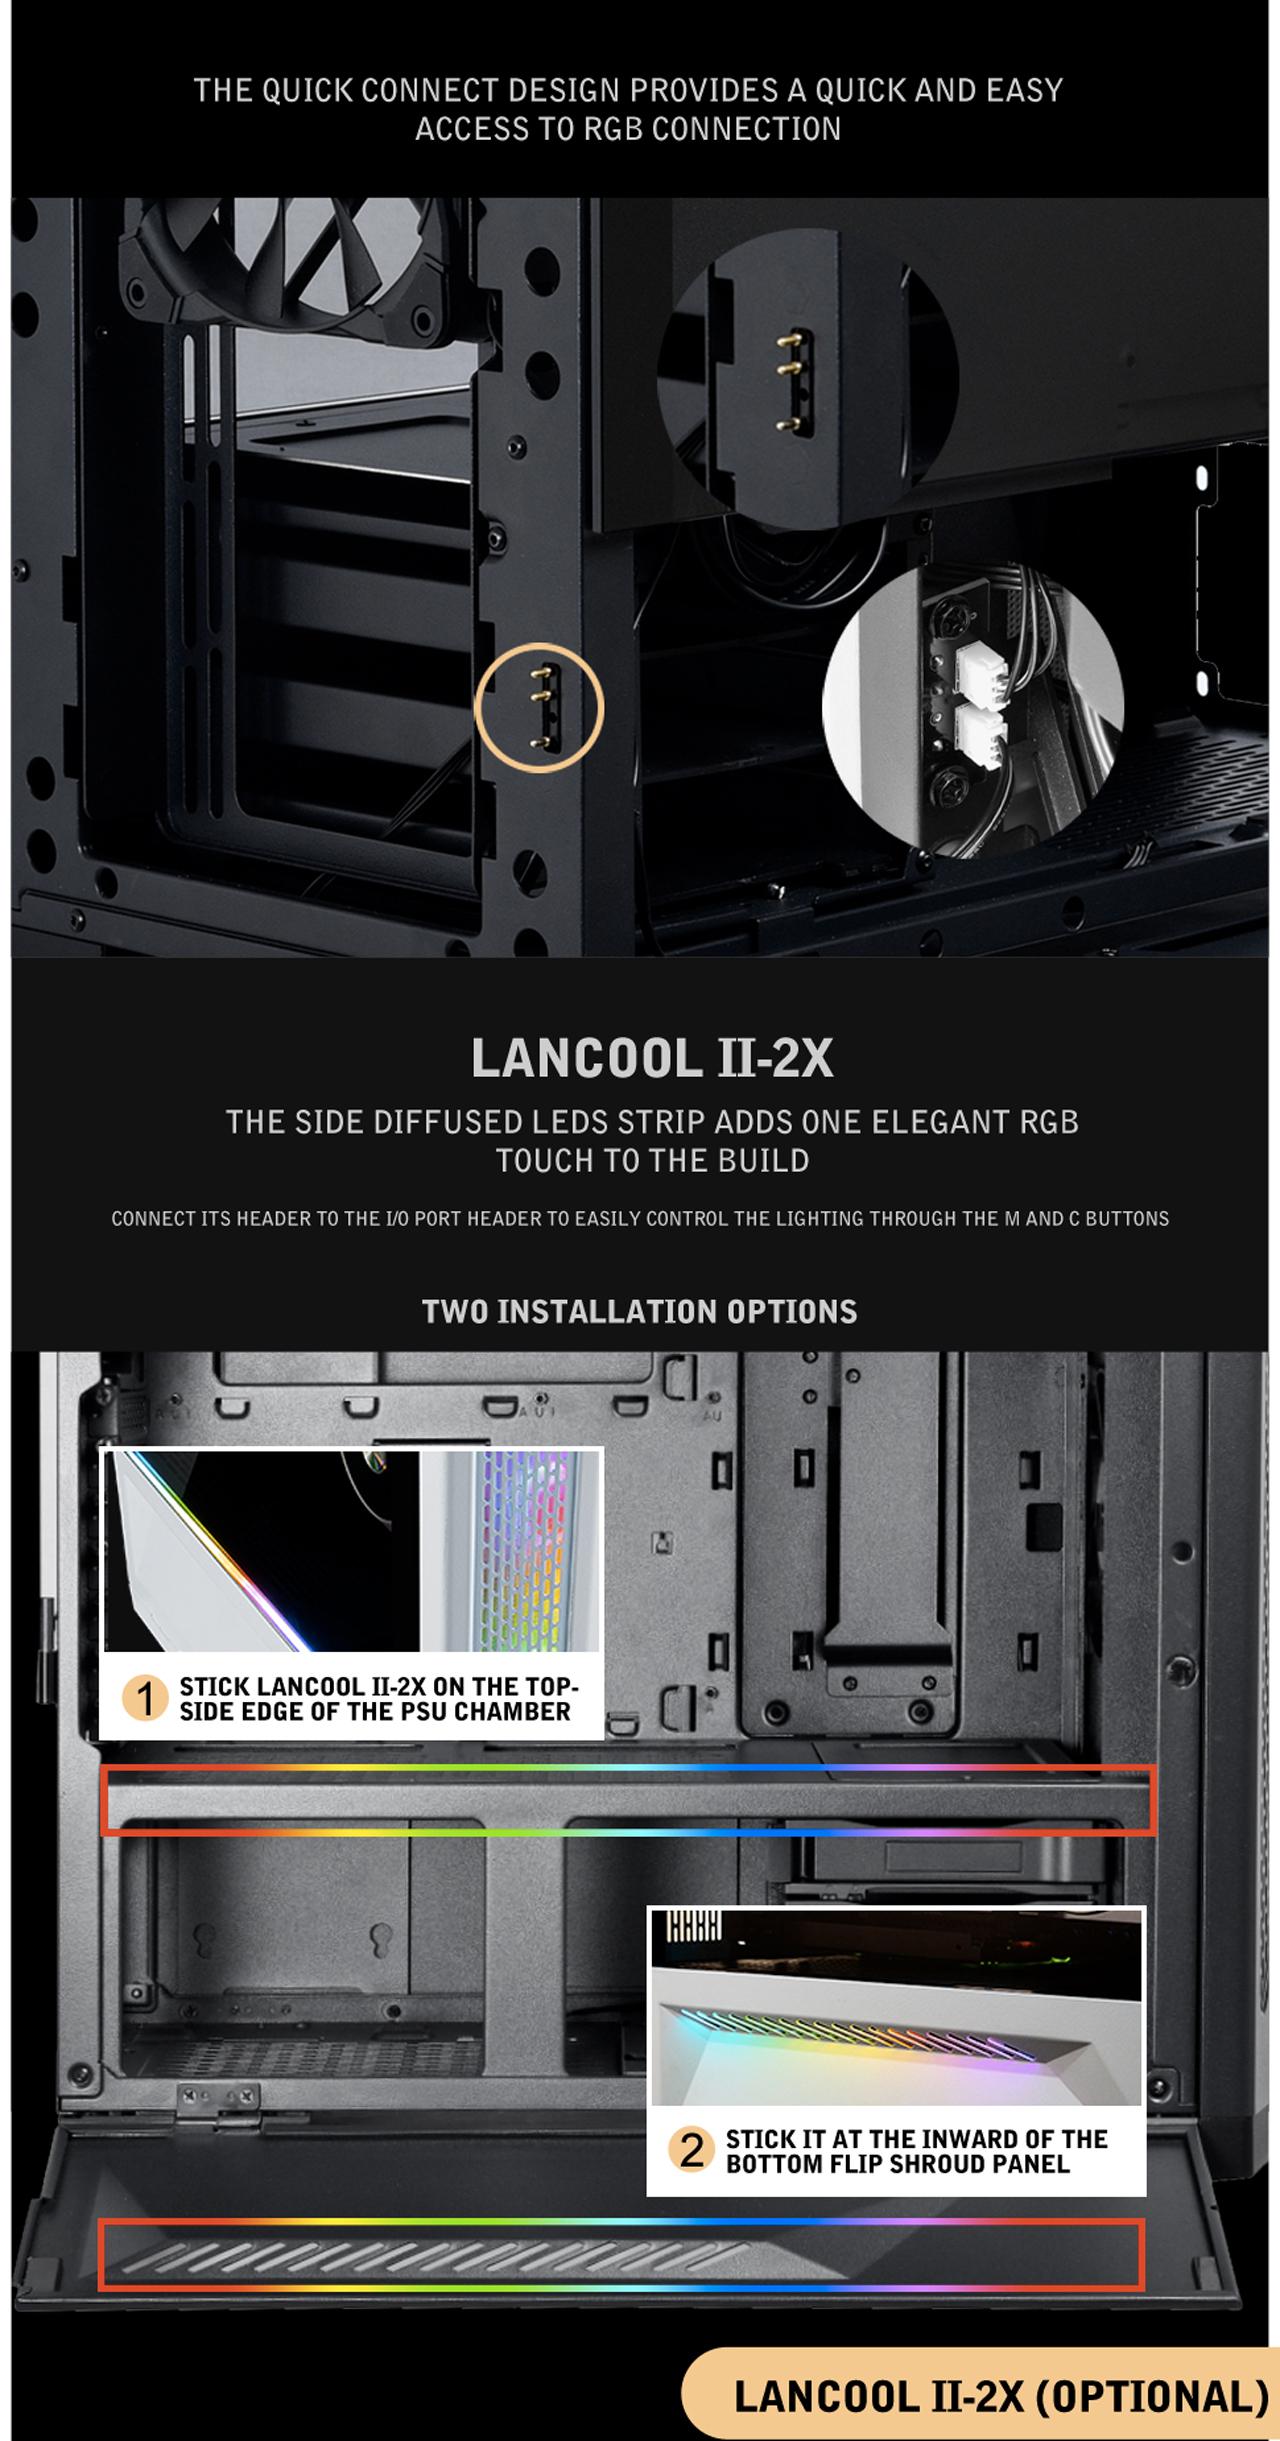 LANCOOL II Official